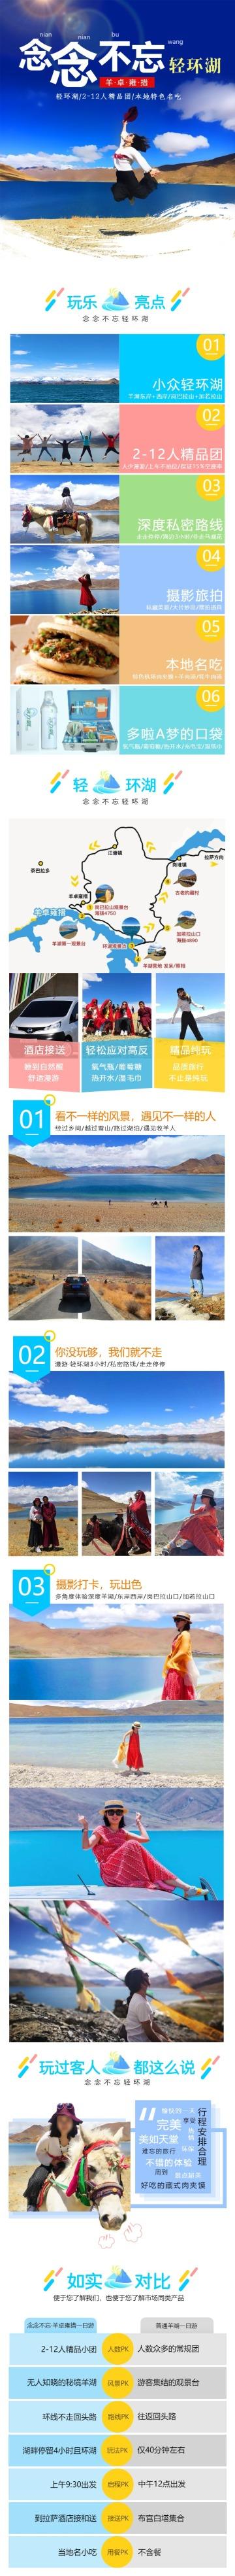 文艺清新风西藏旅游详情页产品路线介绍